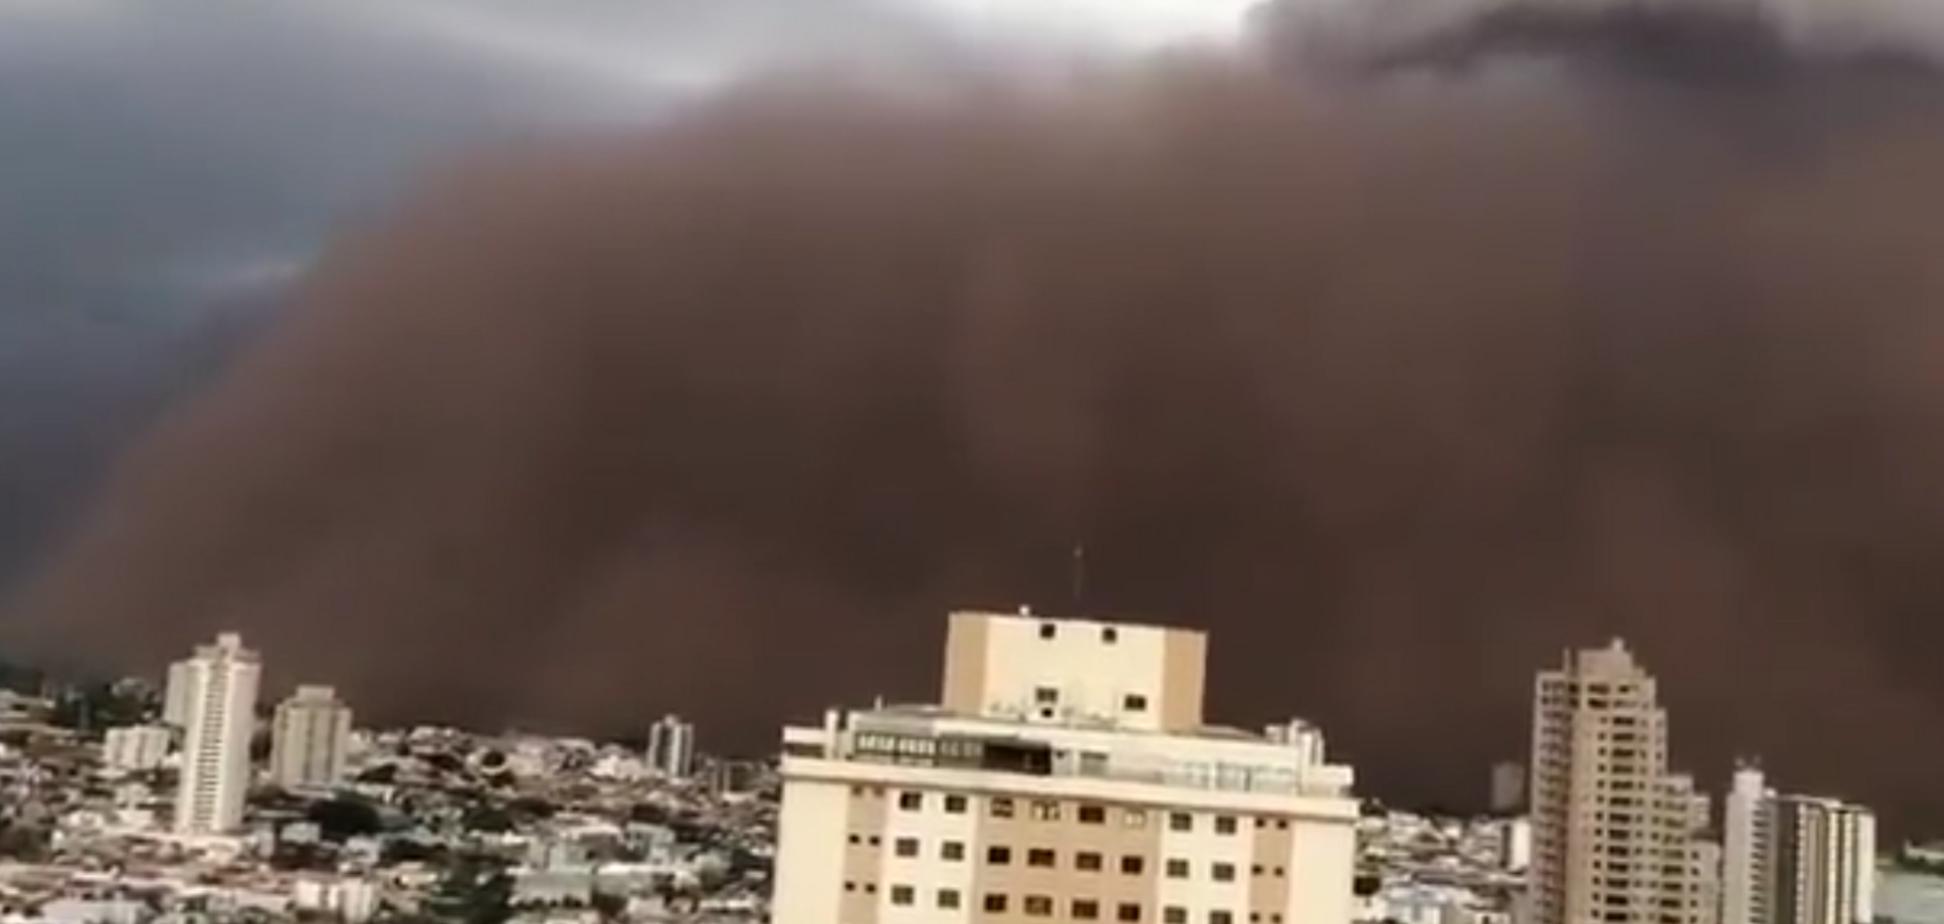 Бразильский город накрыла мощная песчаная буря